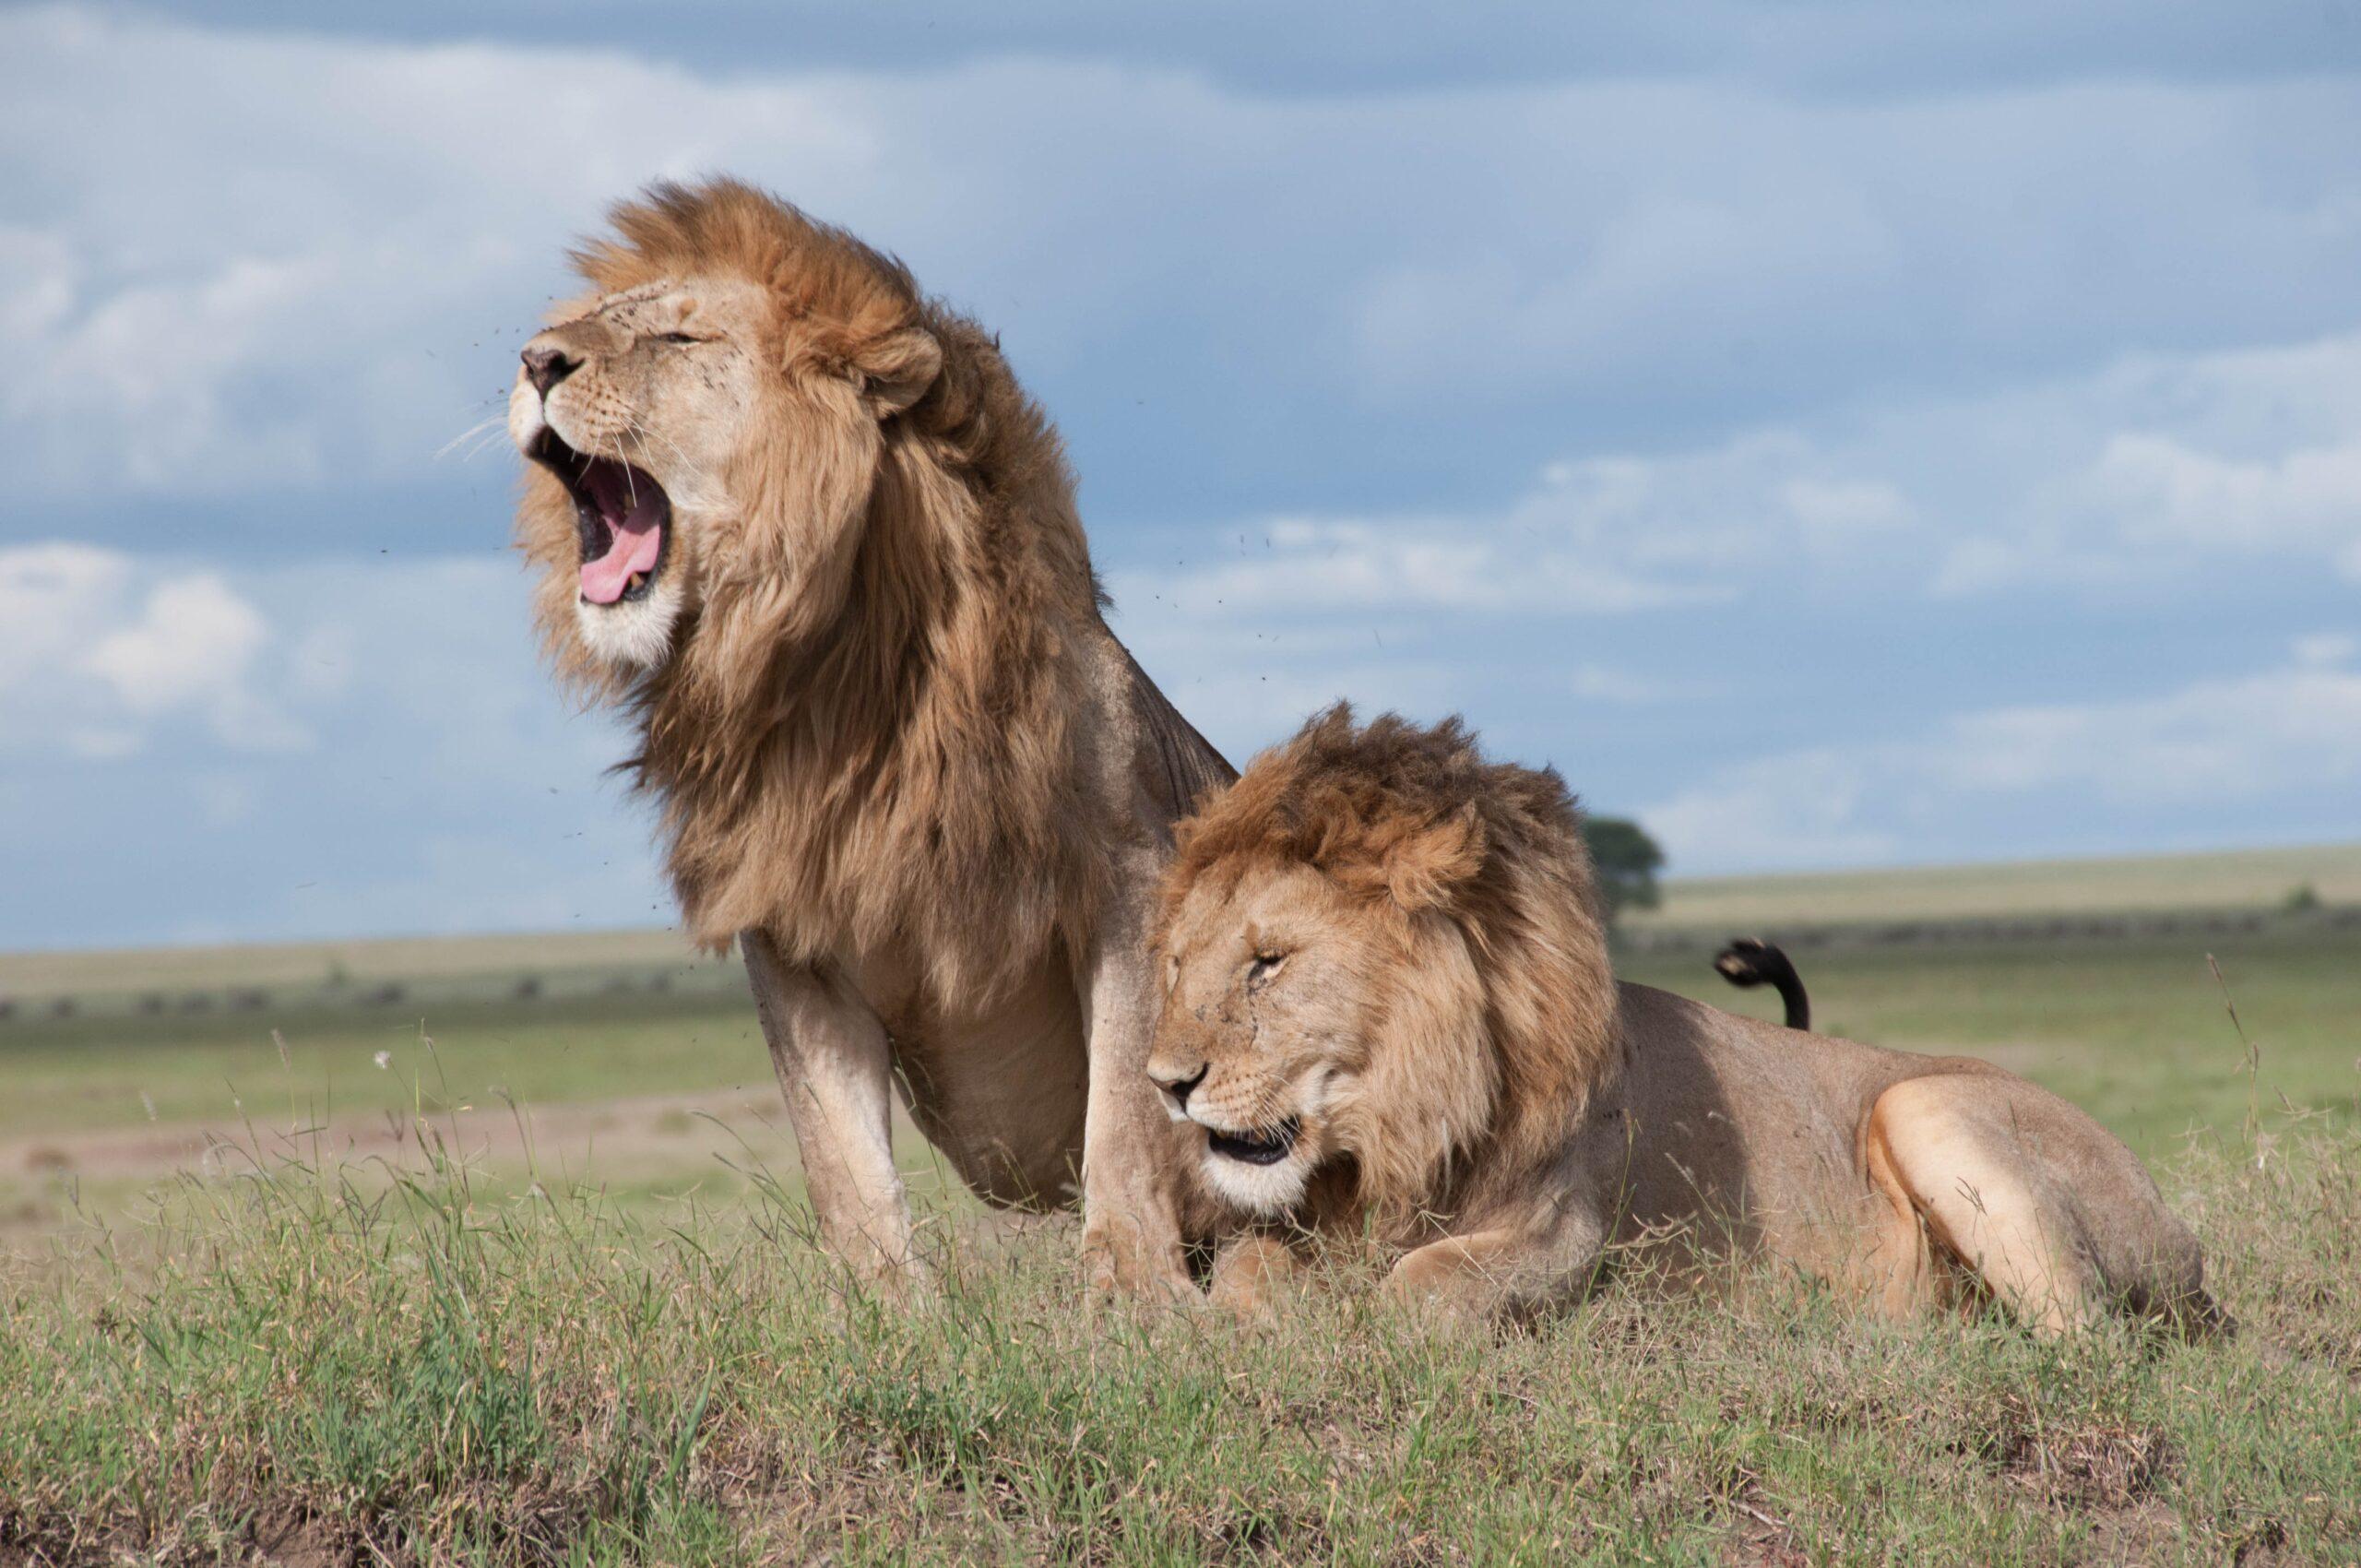 lion information in marathi